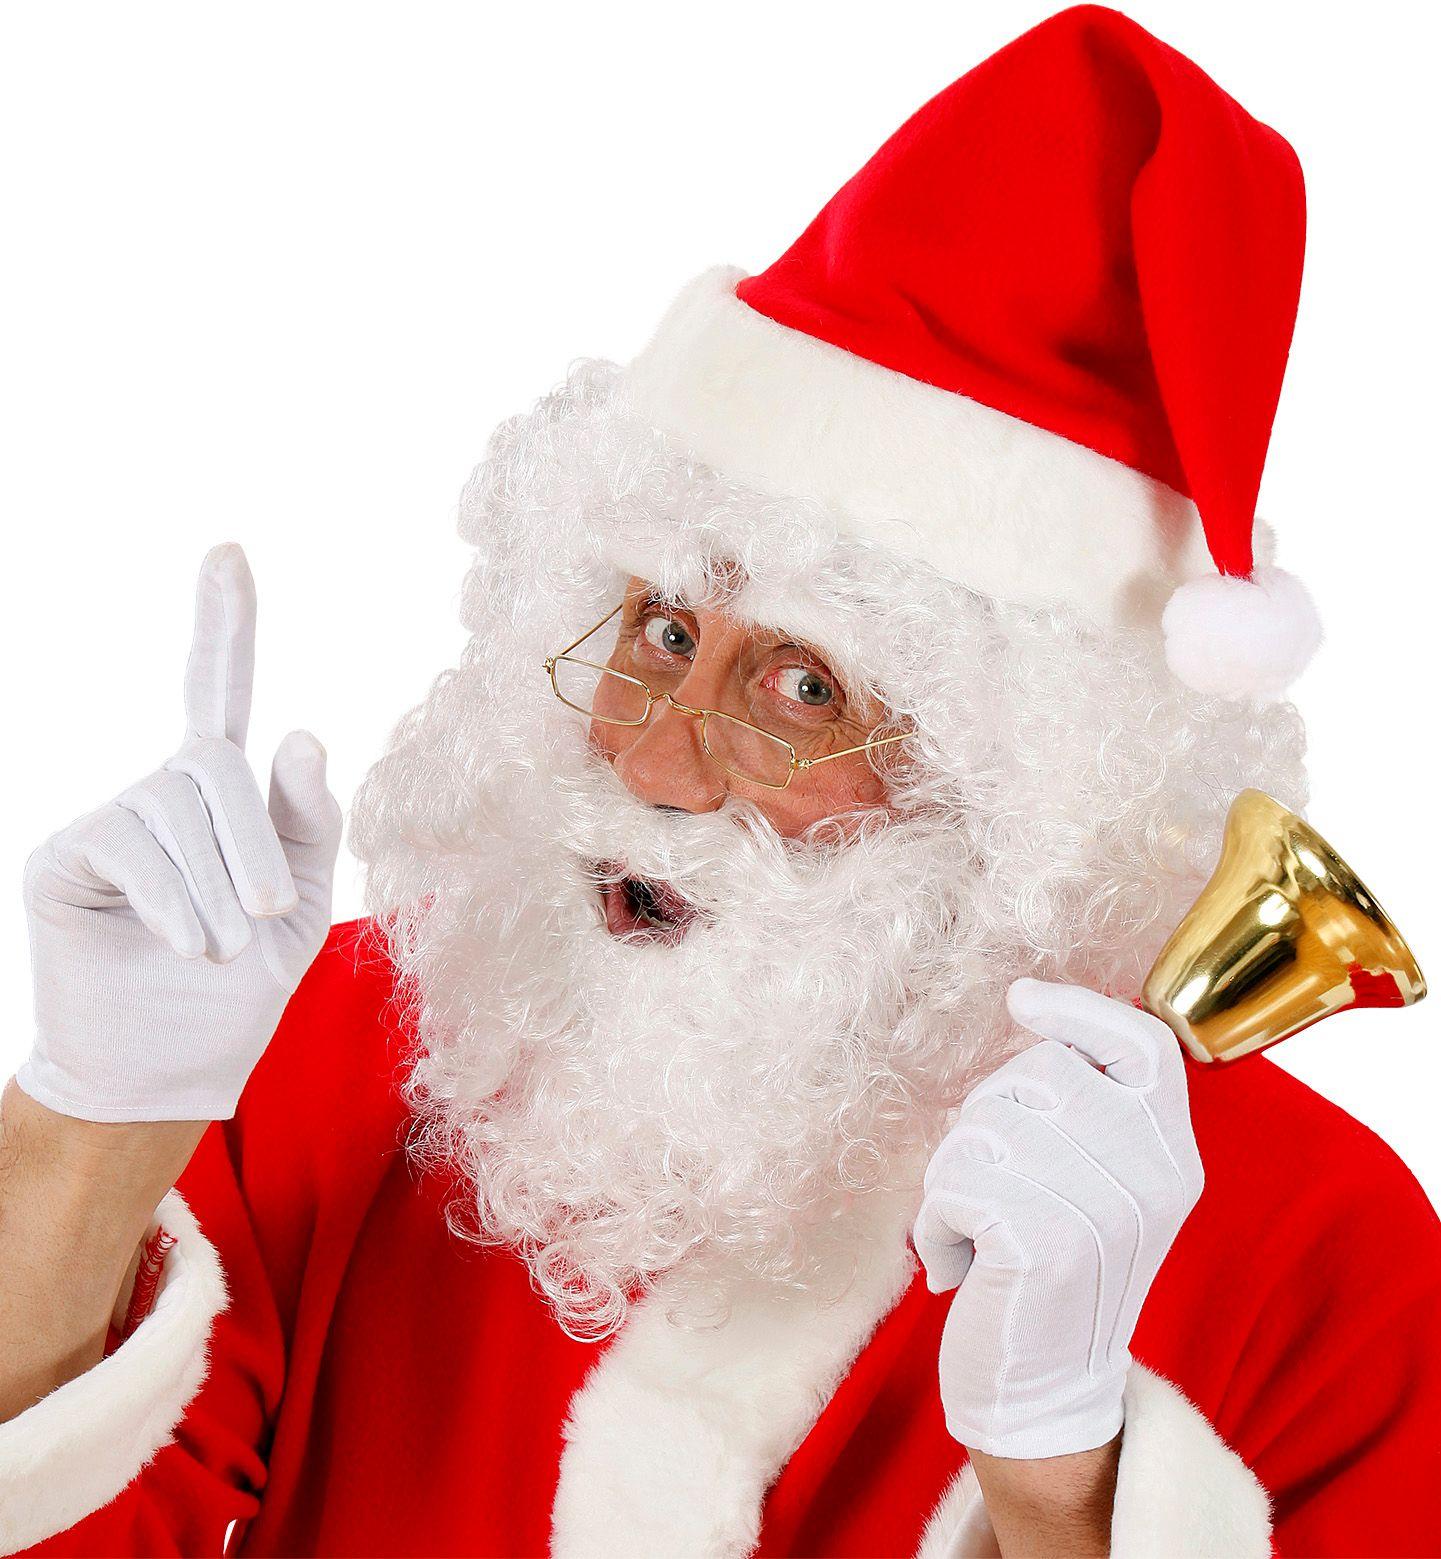 Witte kerstman pruik met baard en wenkbrauwen